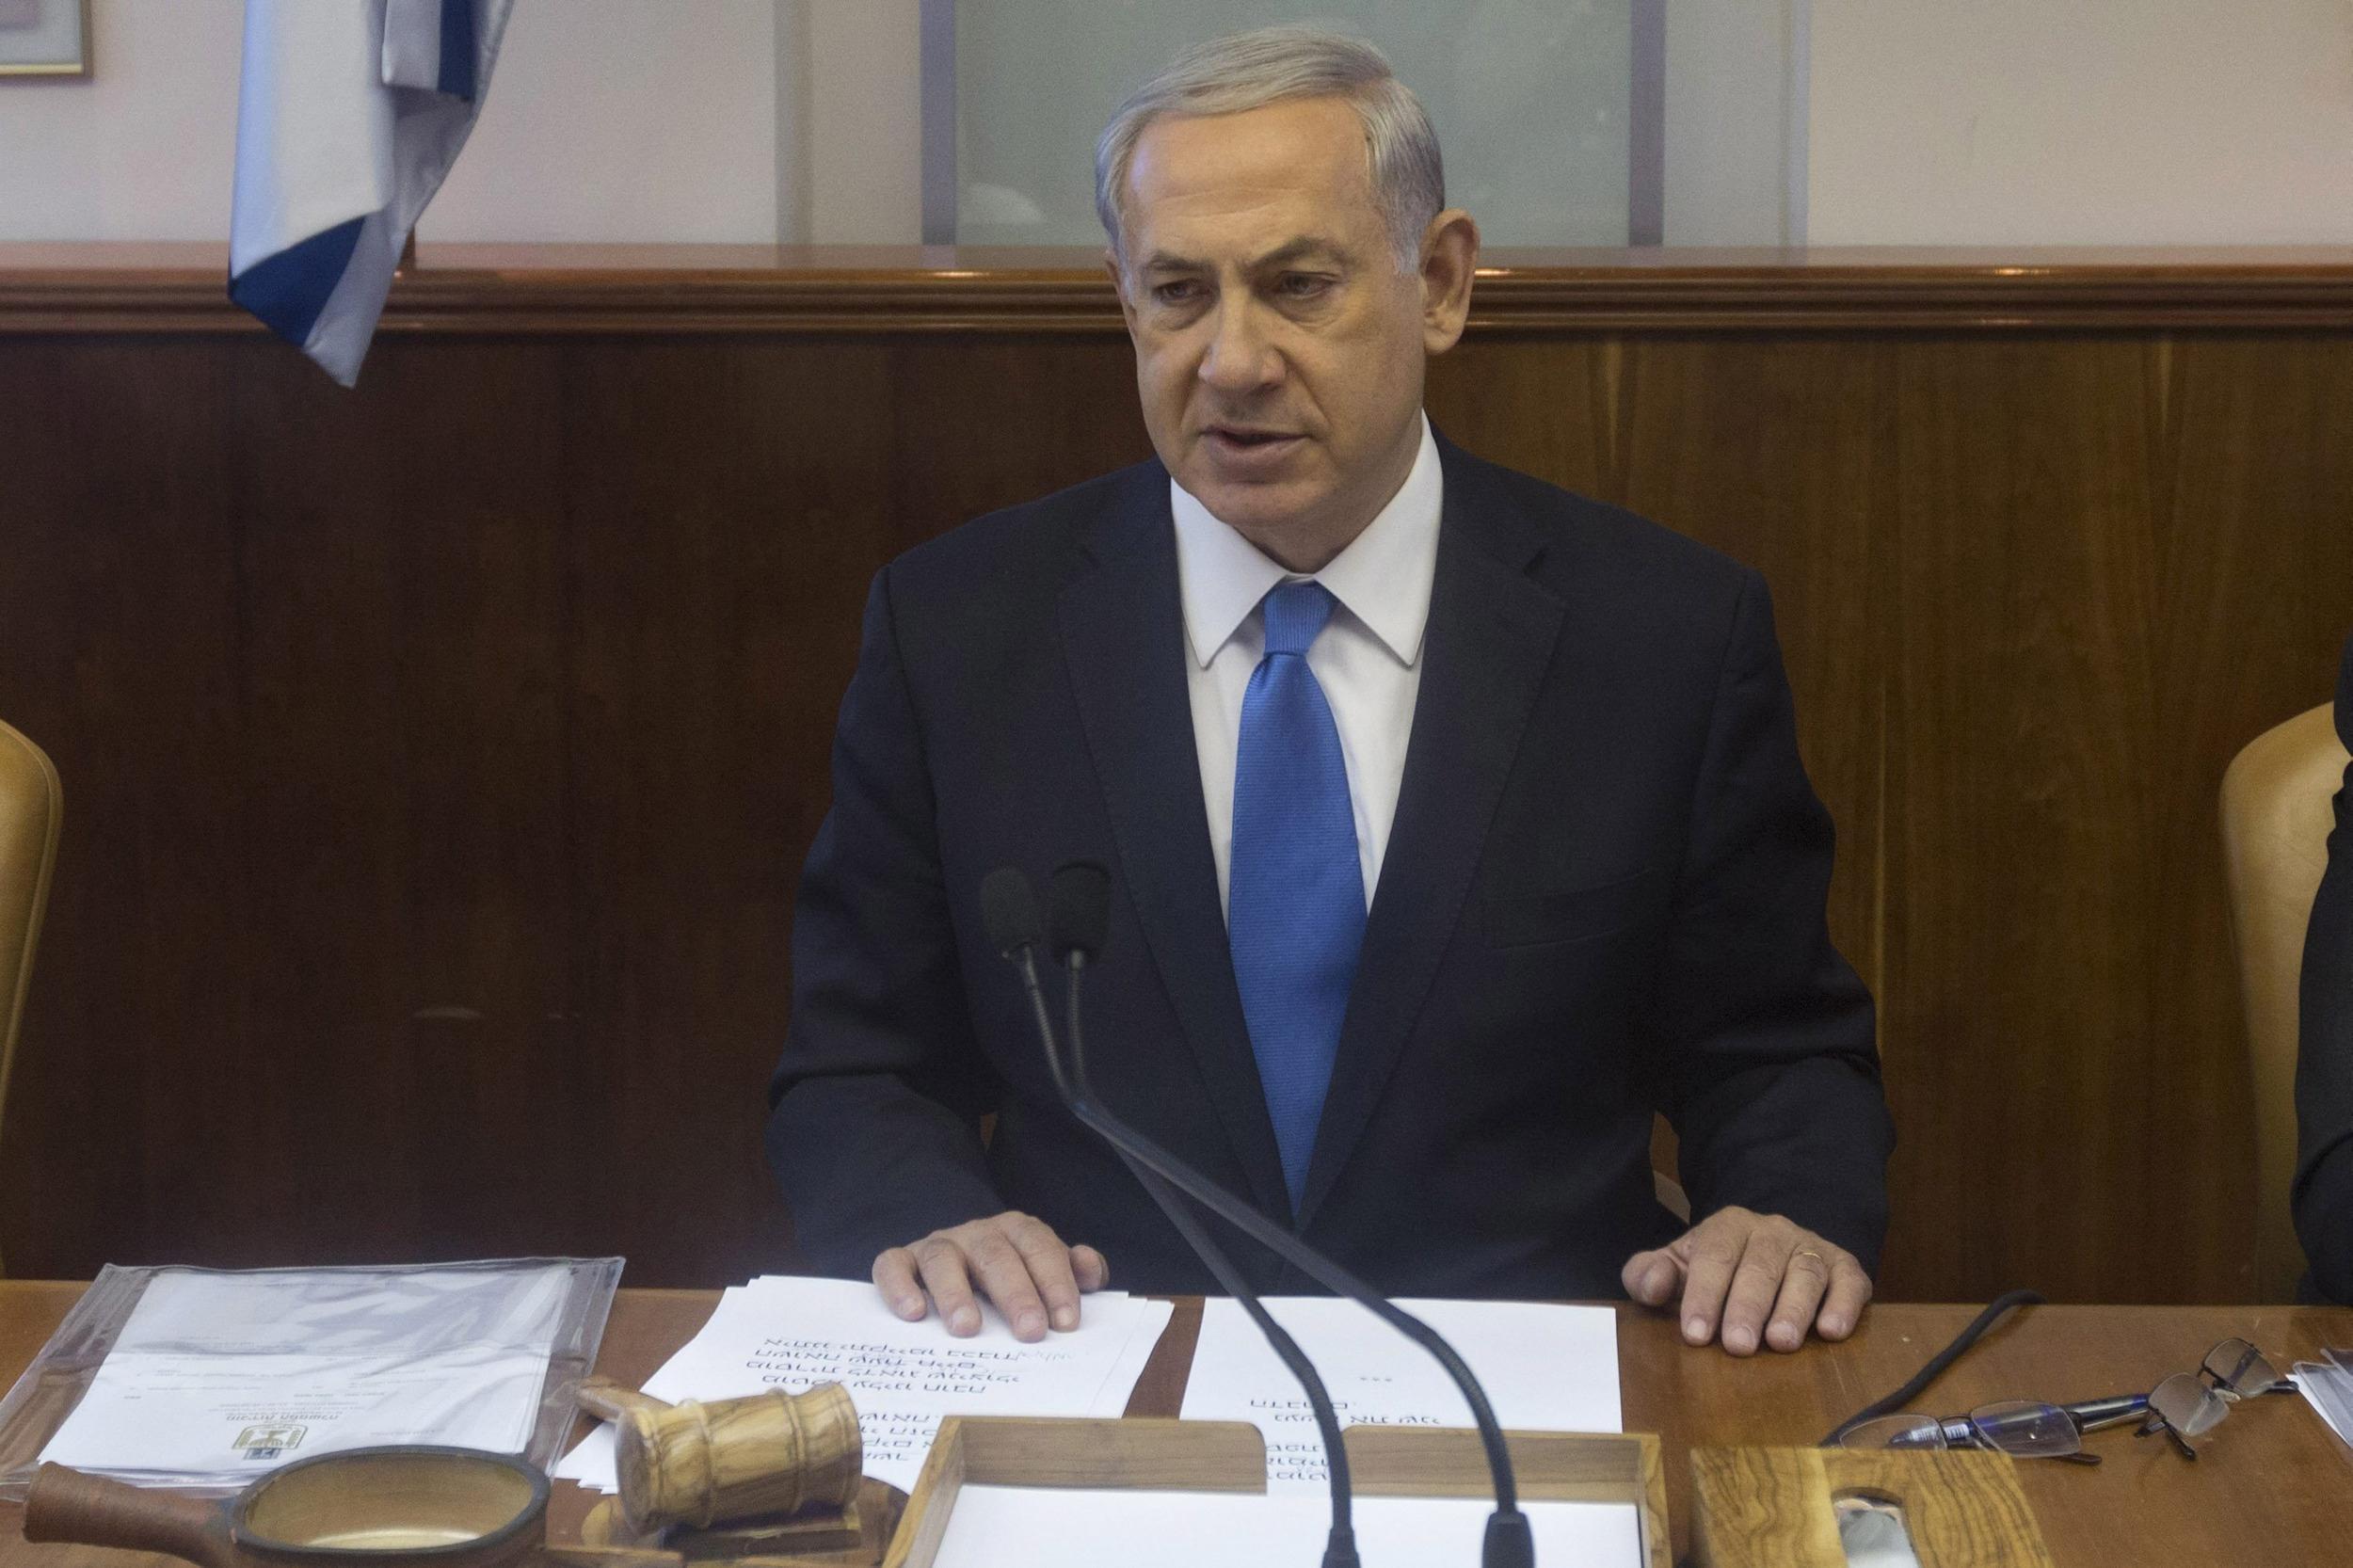 Image: Netanyahu at cabinet meeting in Jerusalem